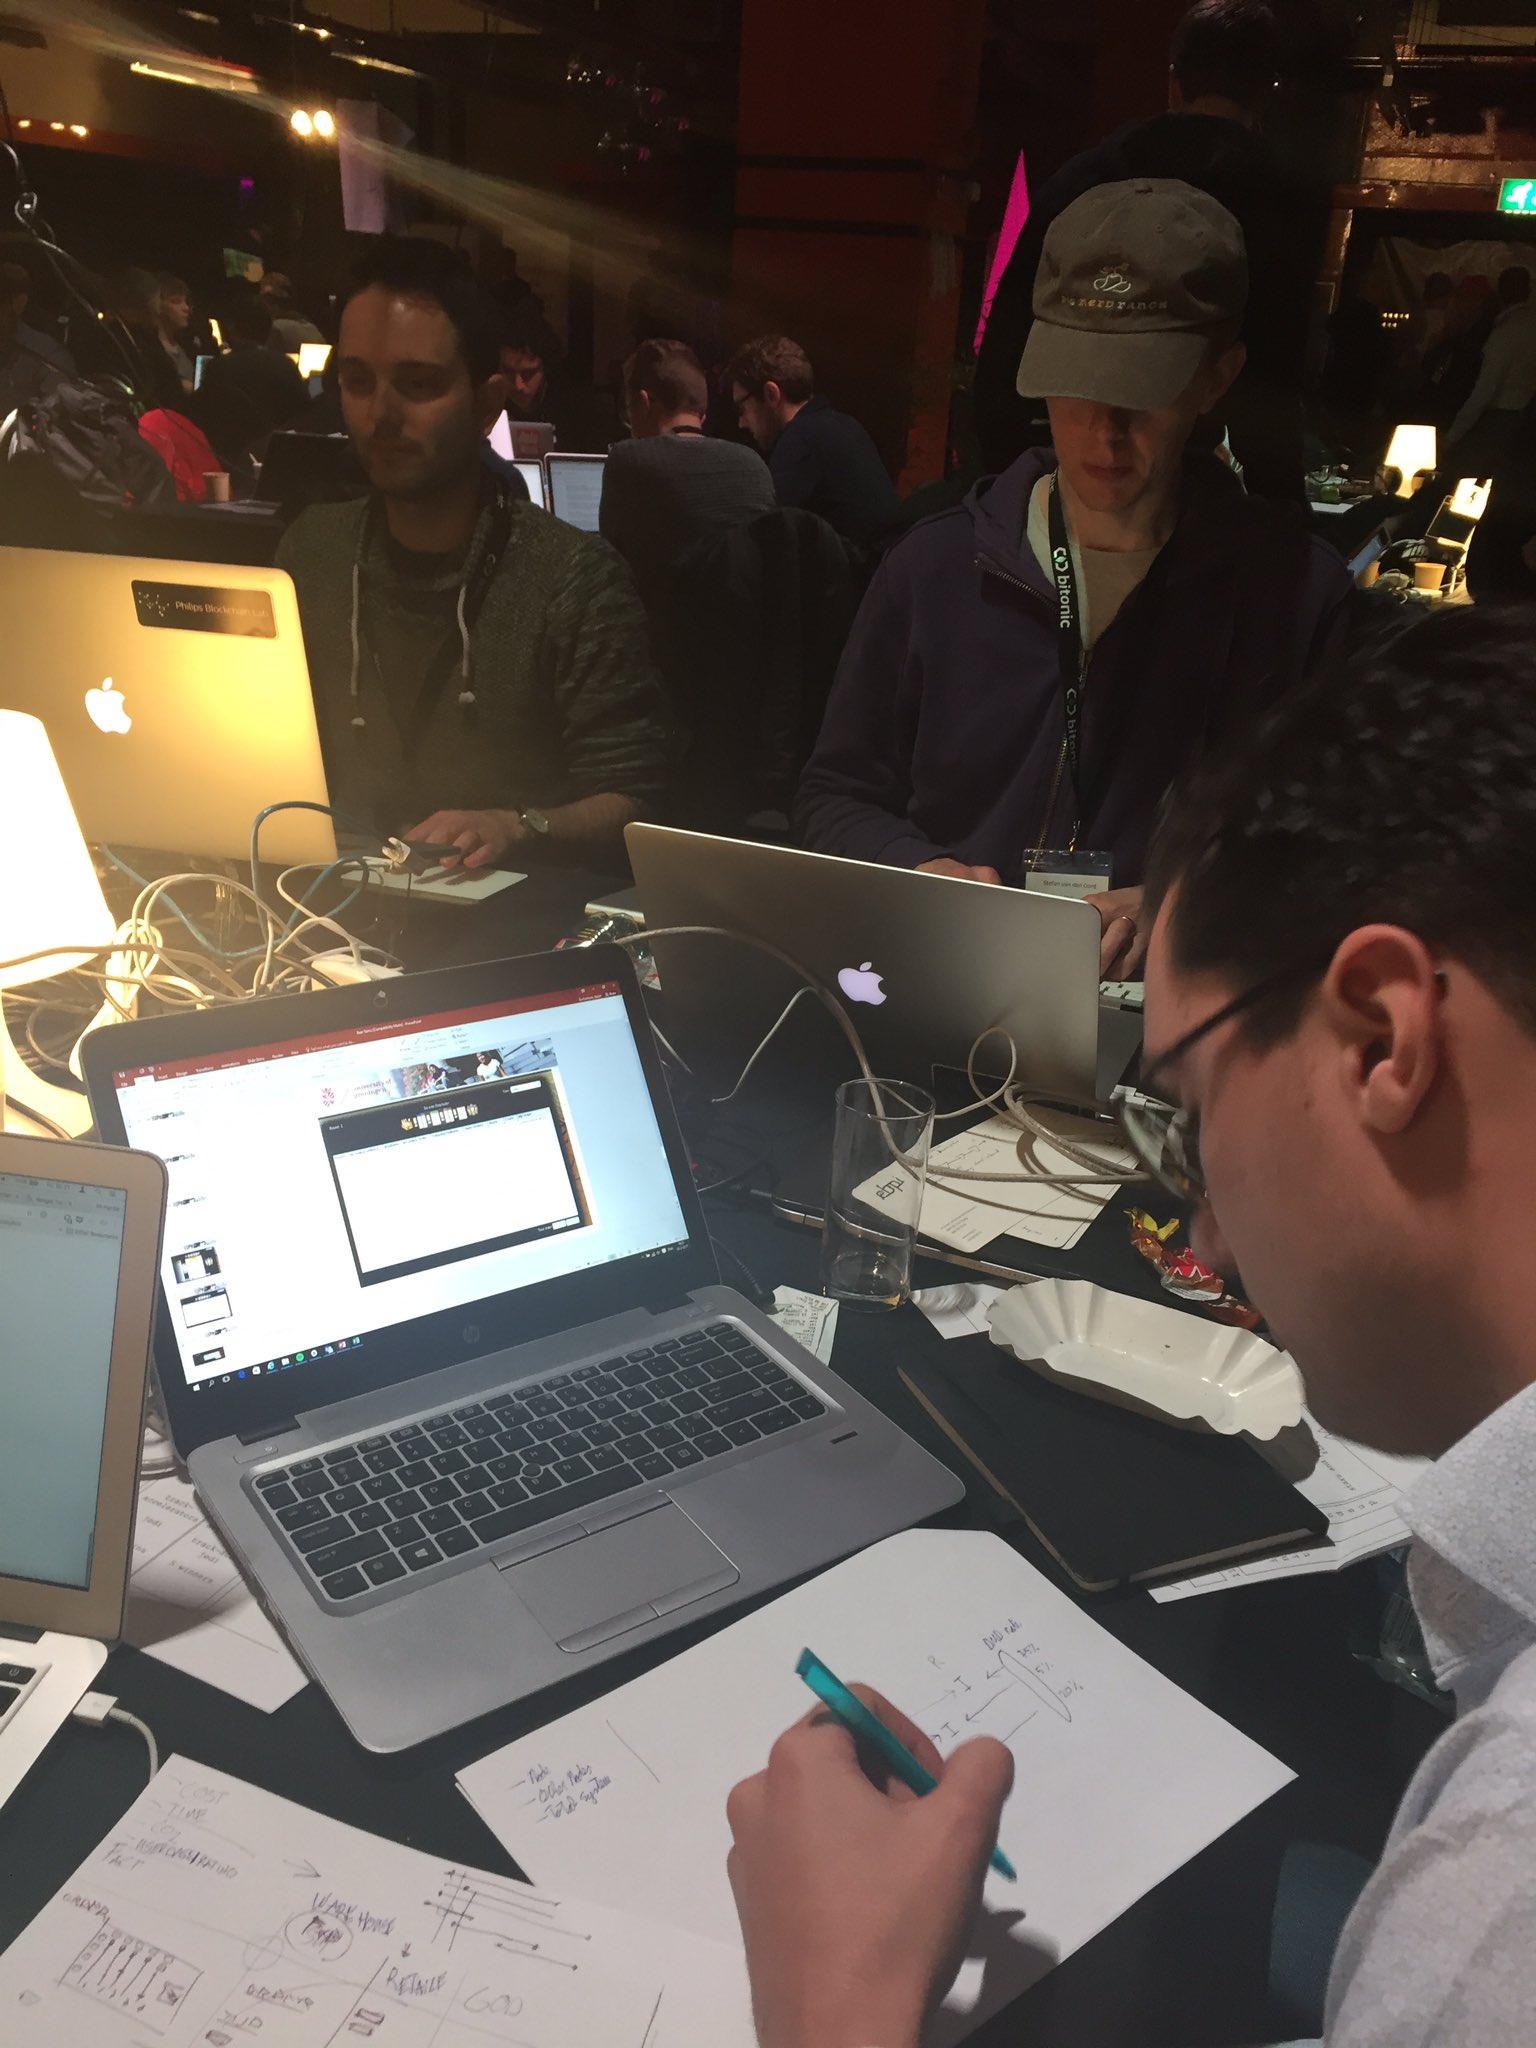 Hard working less talking #dbh17 https://t.co/bbqd4GNQyF